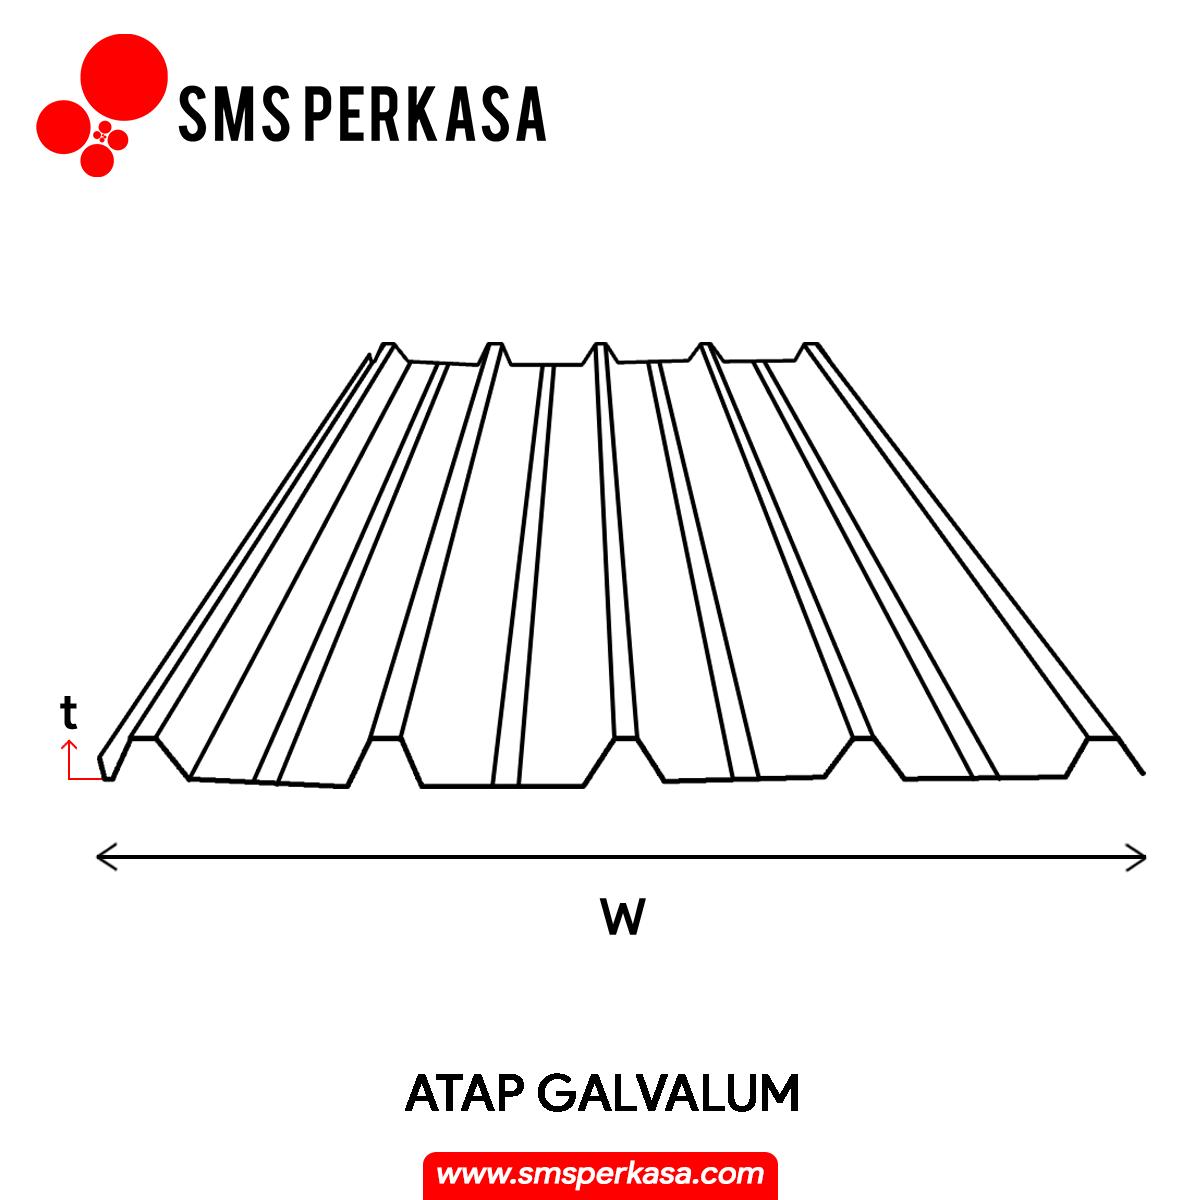 Atap Galvalum: Harga, Ukuran, dan Berat   SMS Perkasa